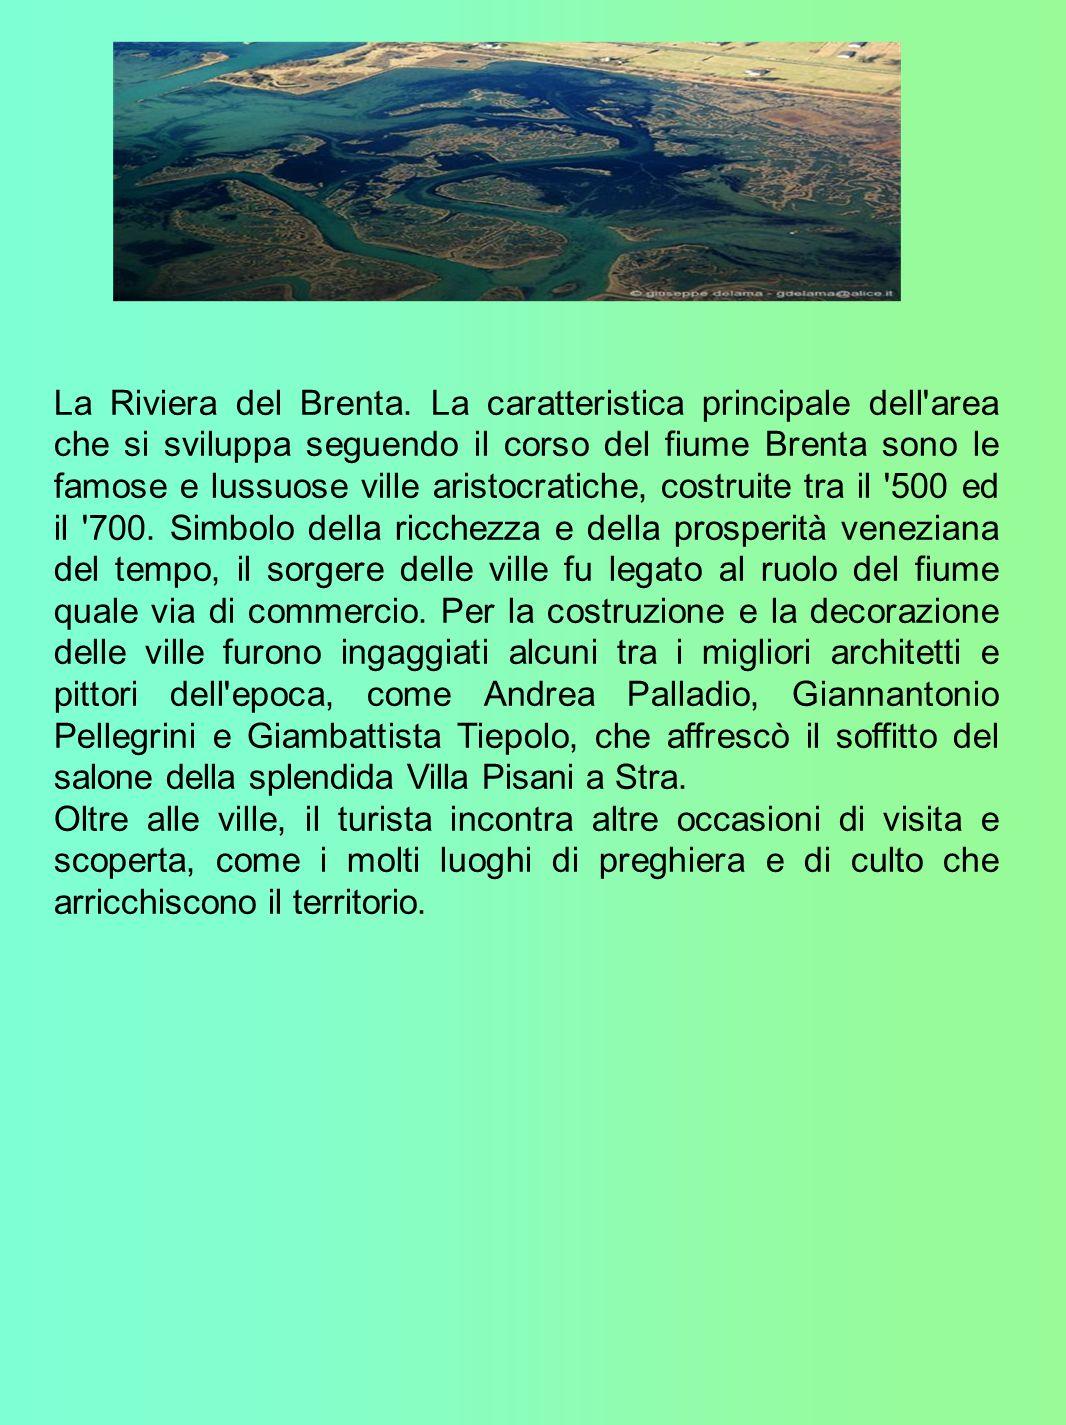 La Riviera del Brenta.